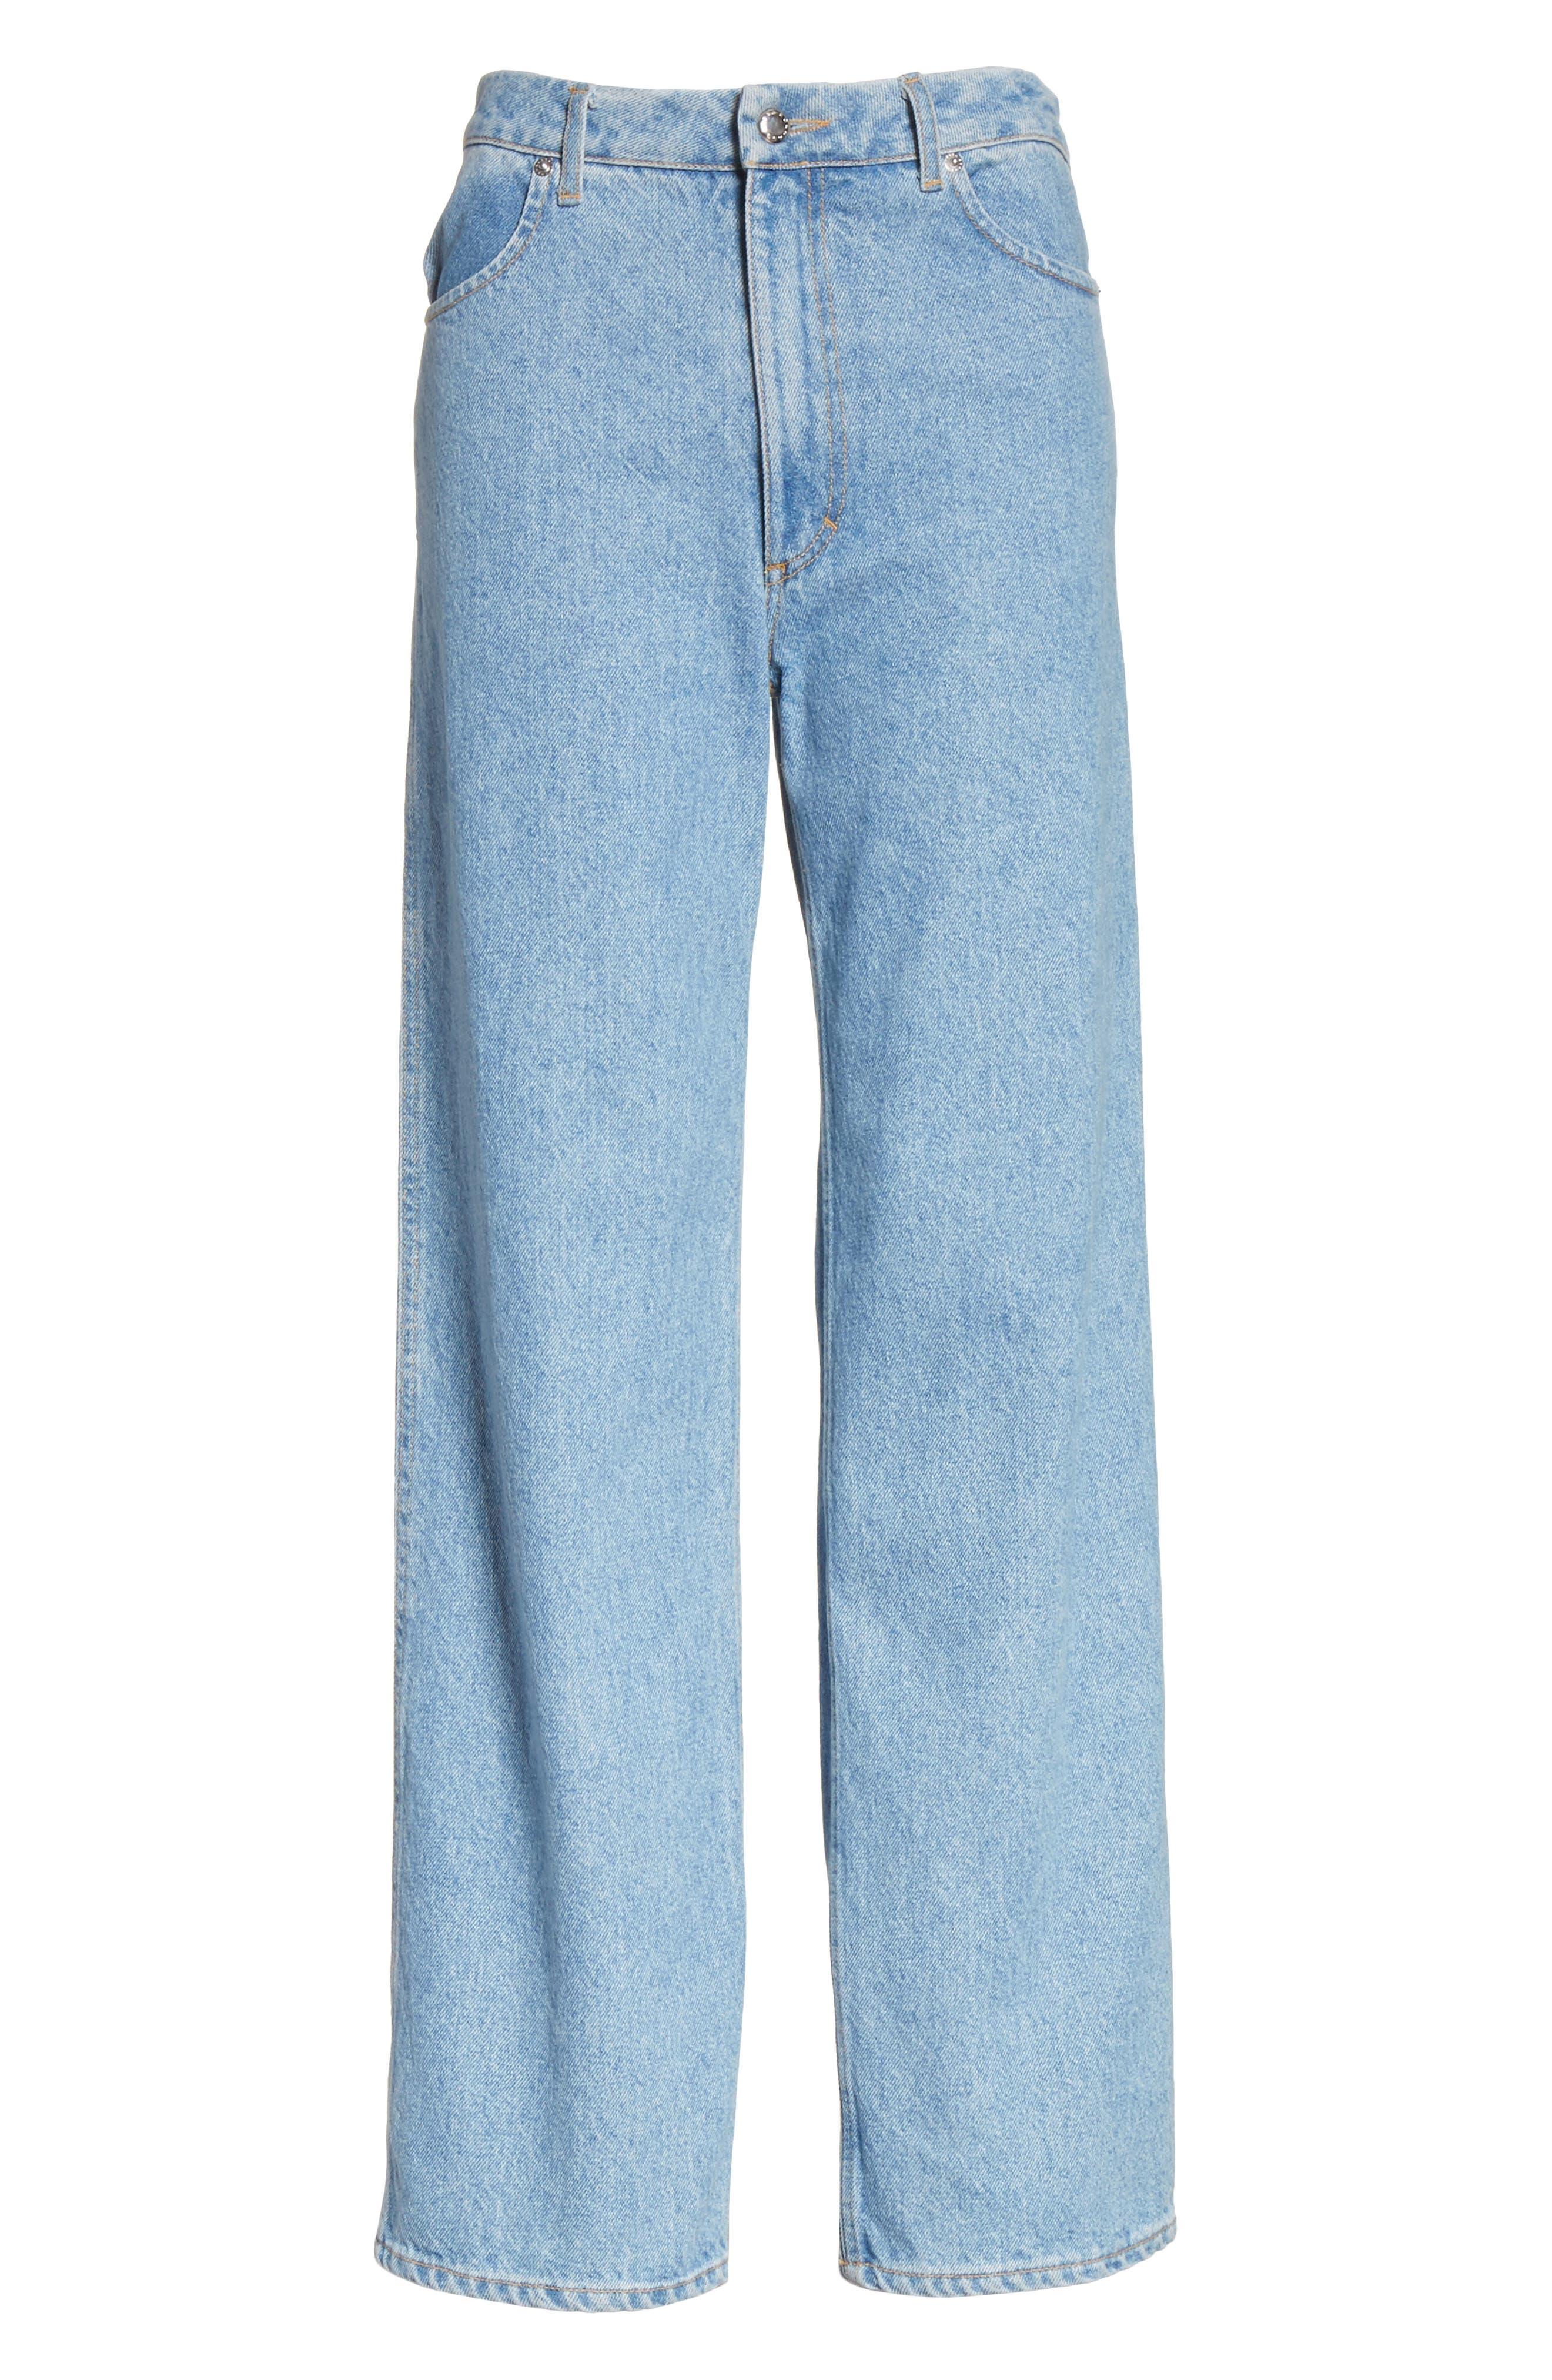 EL Wide Leg Jeans,                             Alternate thumbnail 6, color,                             True Blue